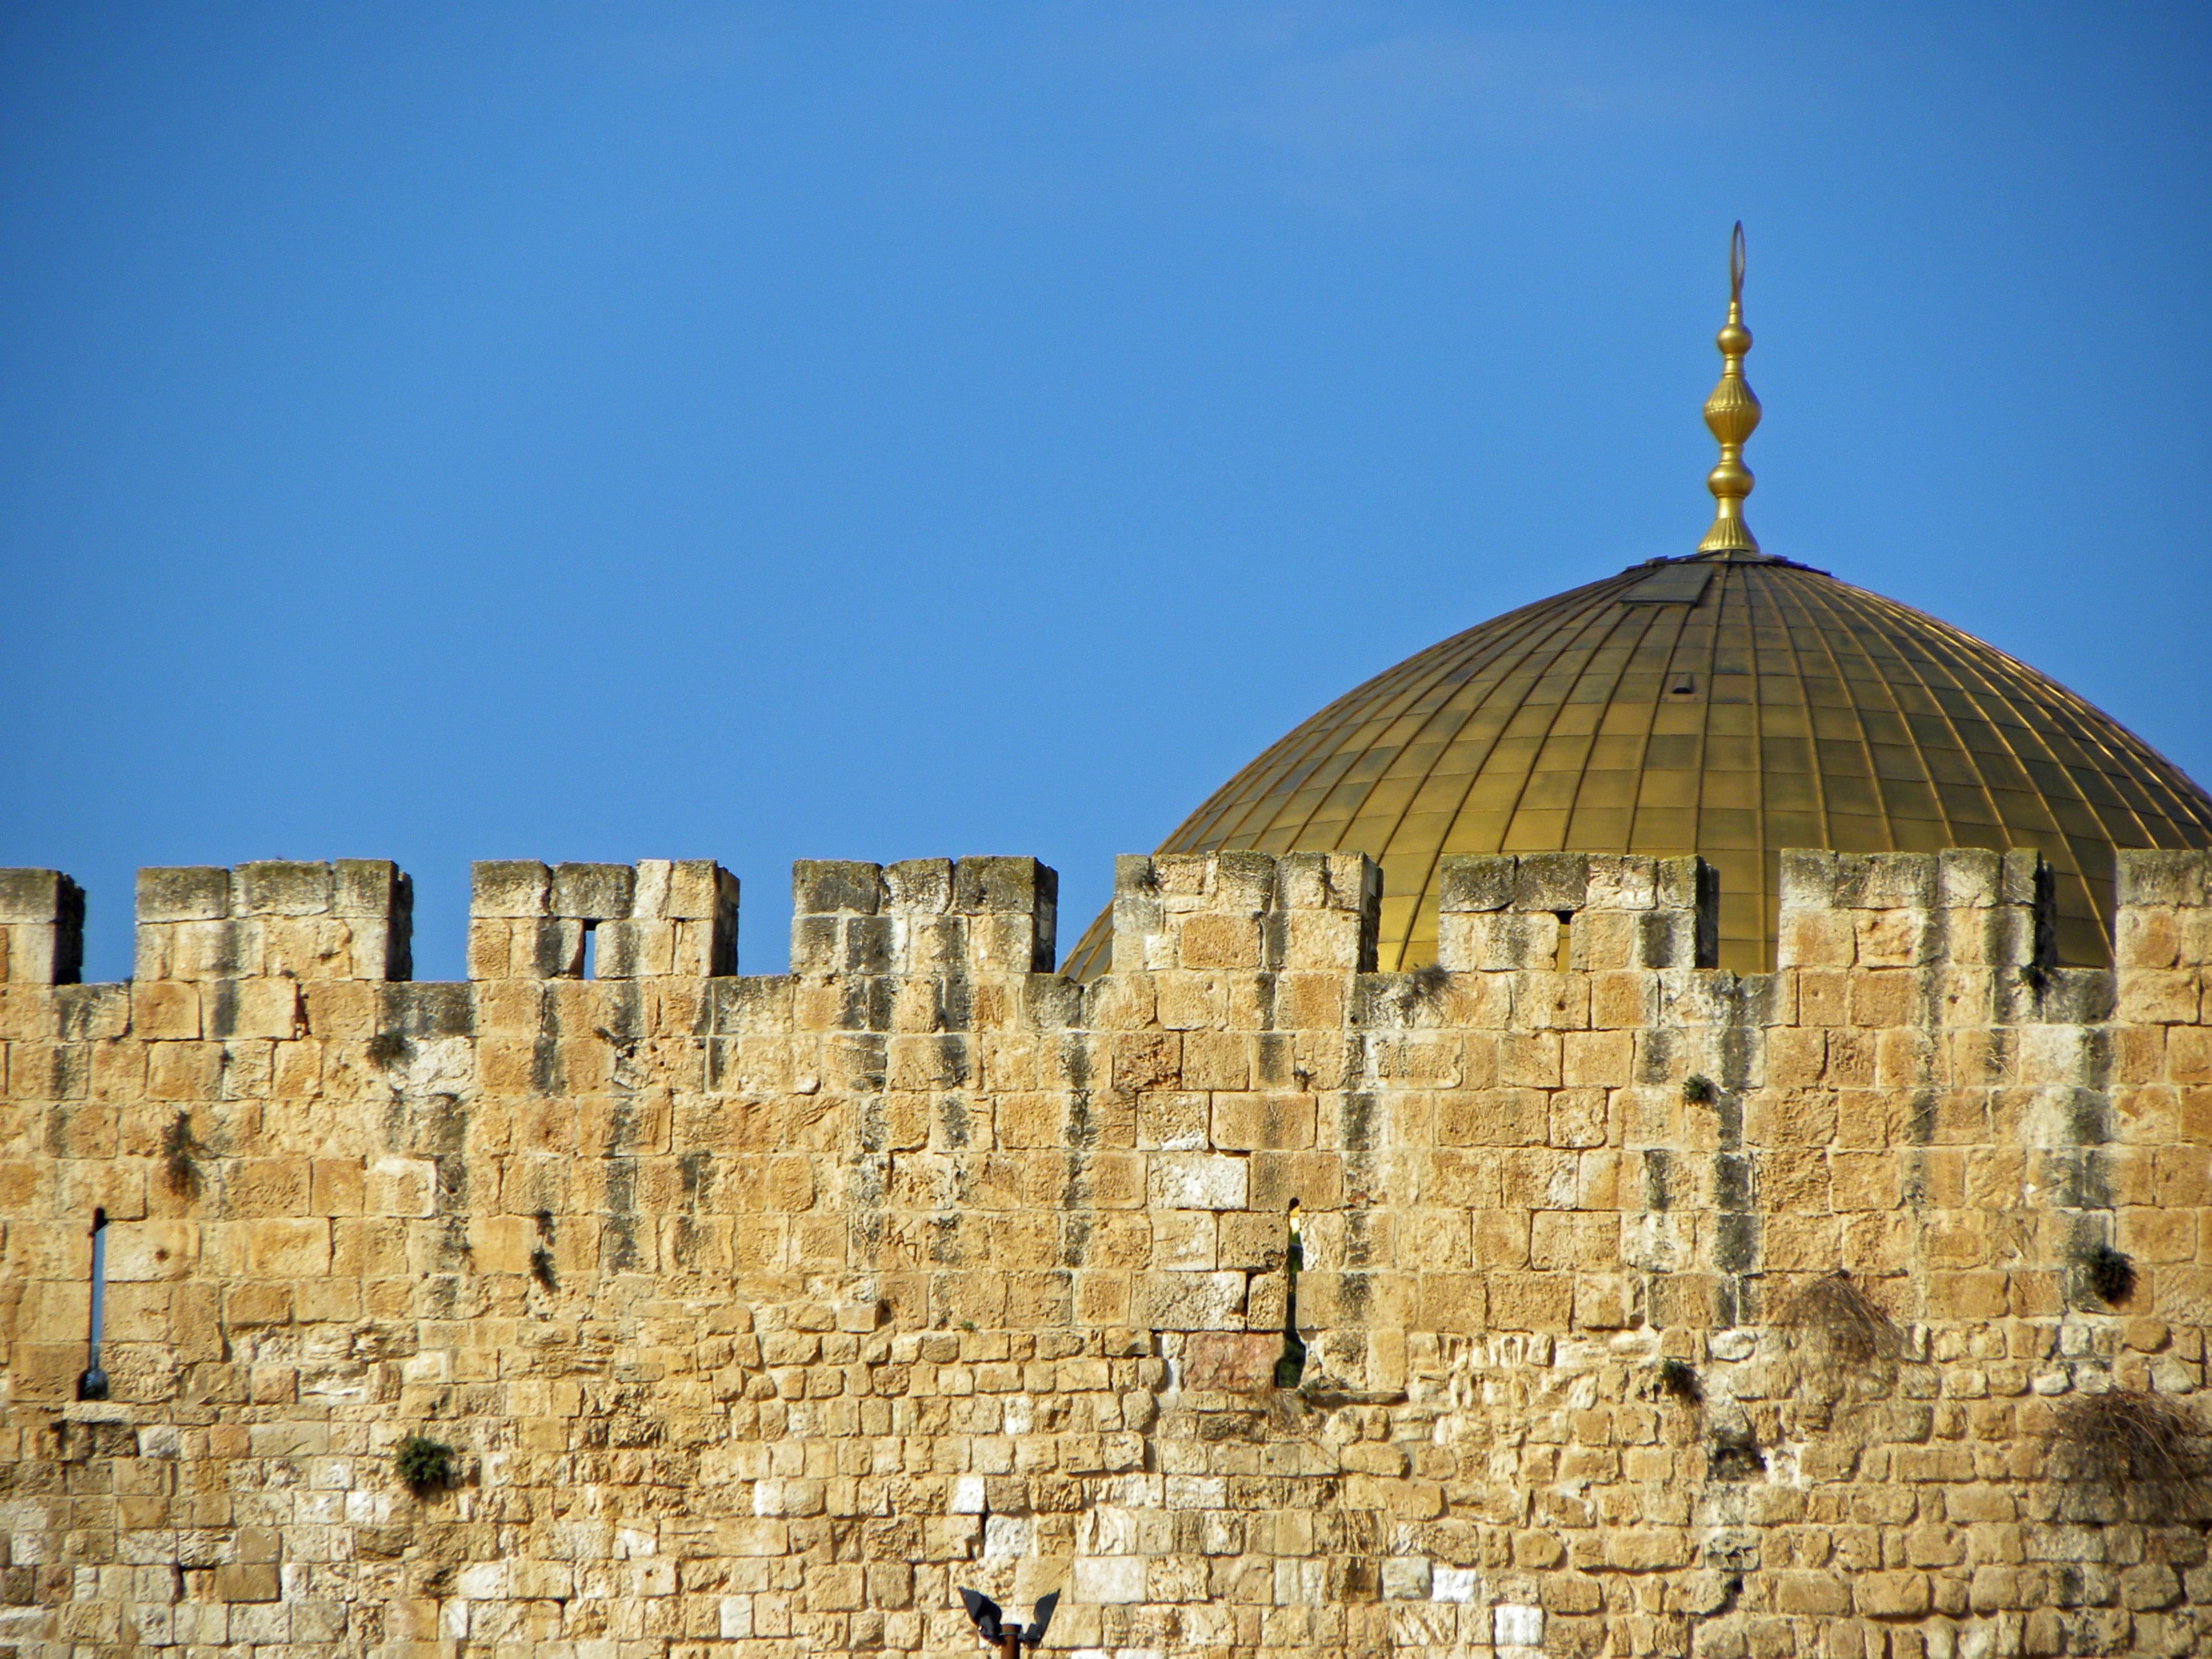 Parete Doro : Immagini belle : architettura costruzione vecchio città parete